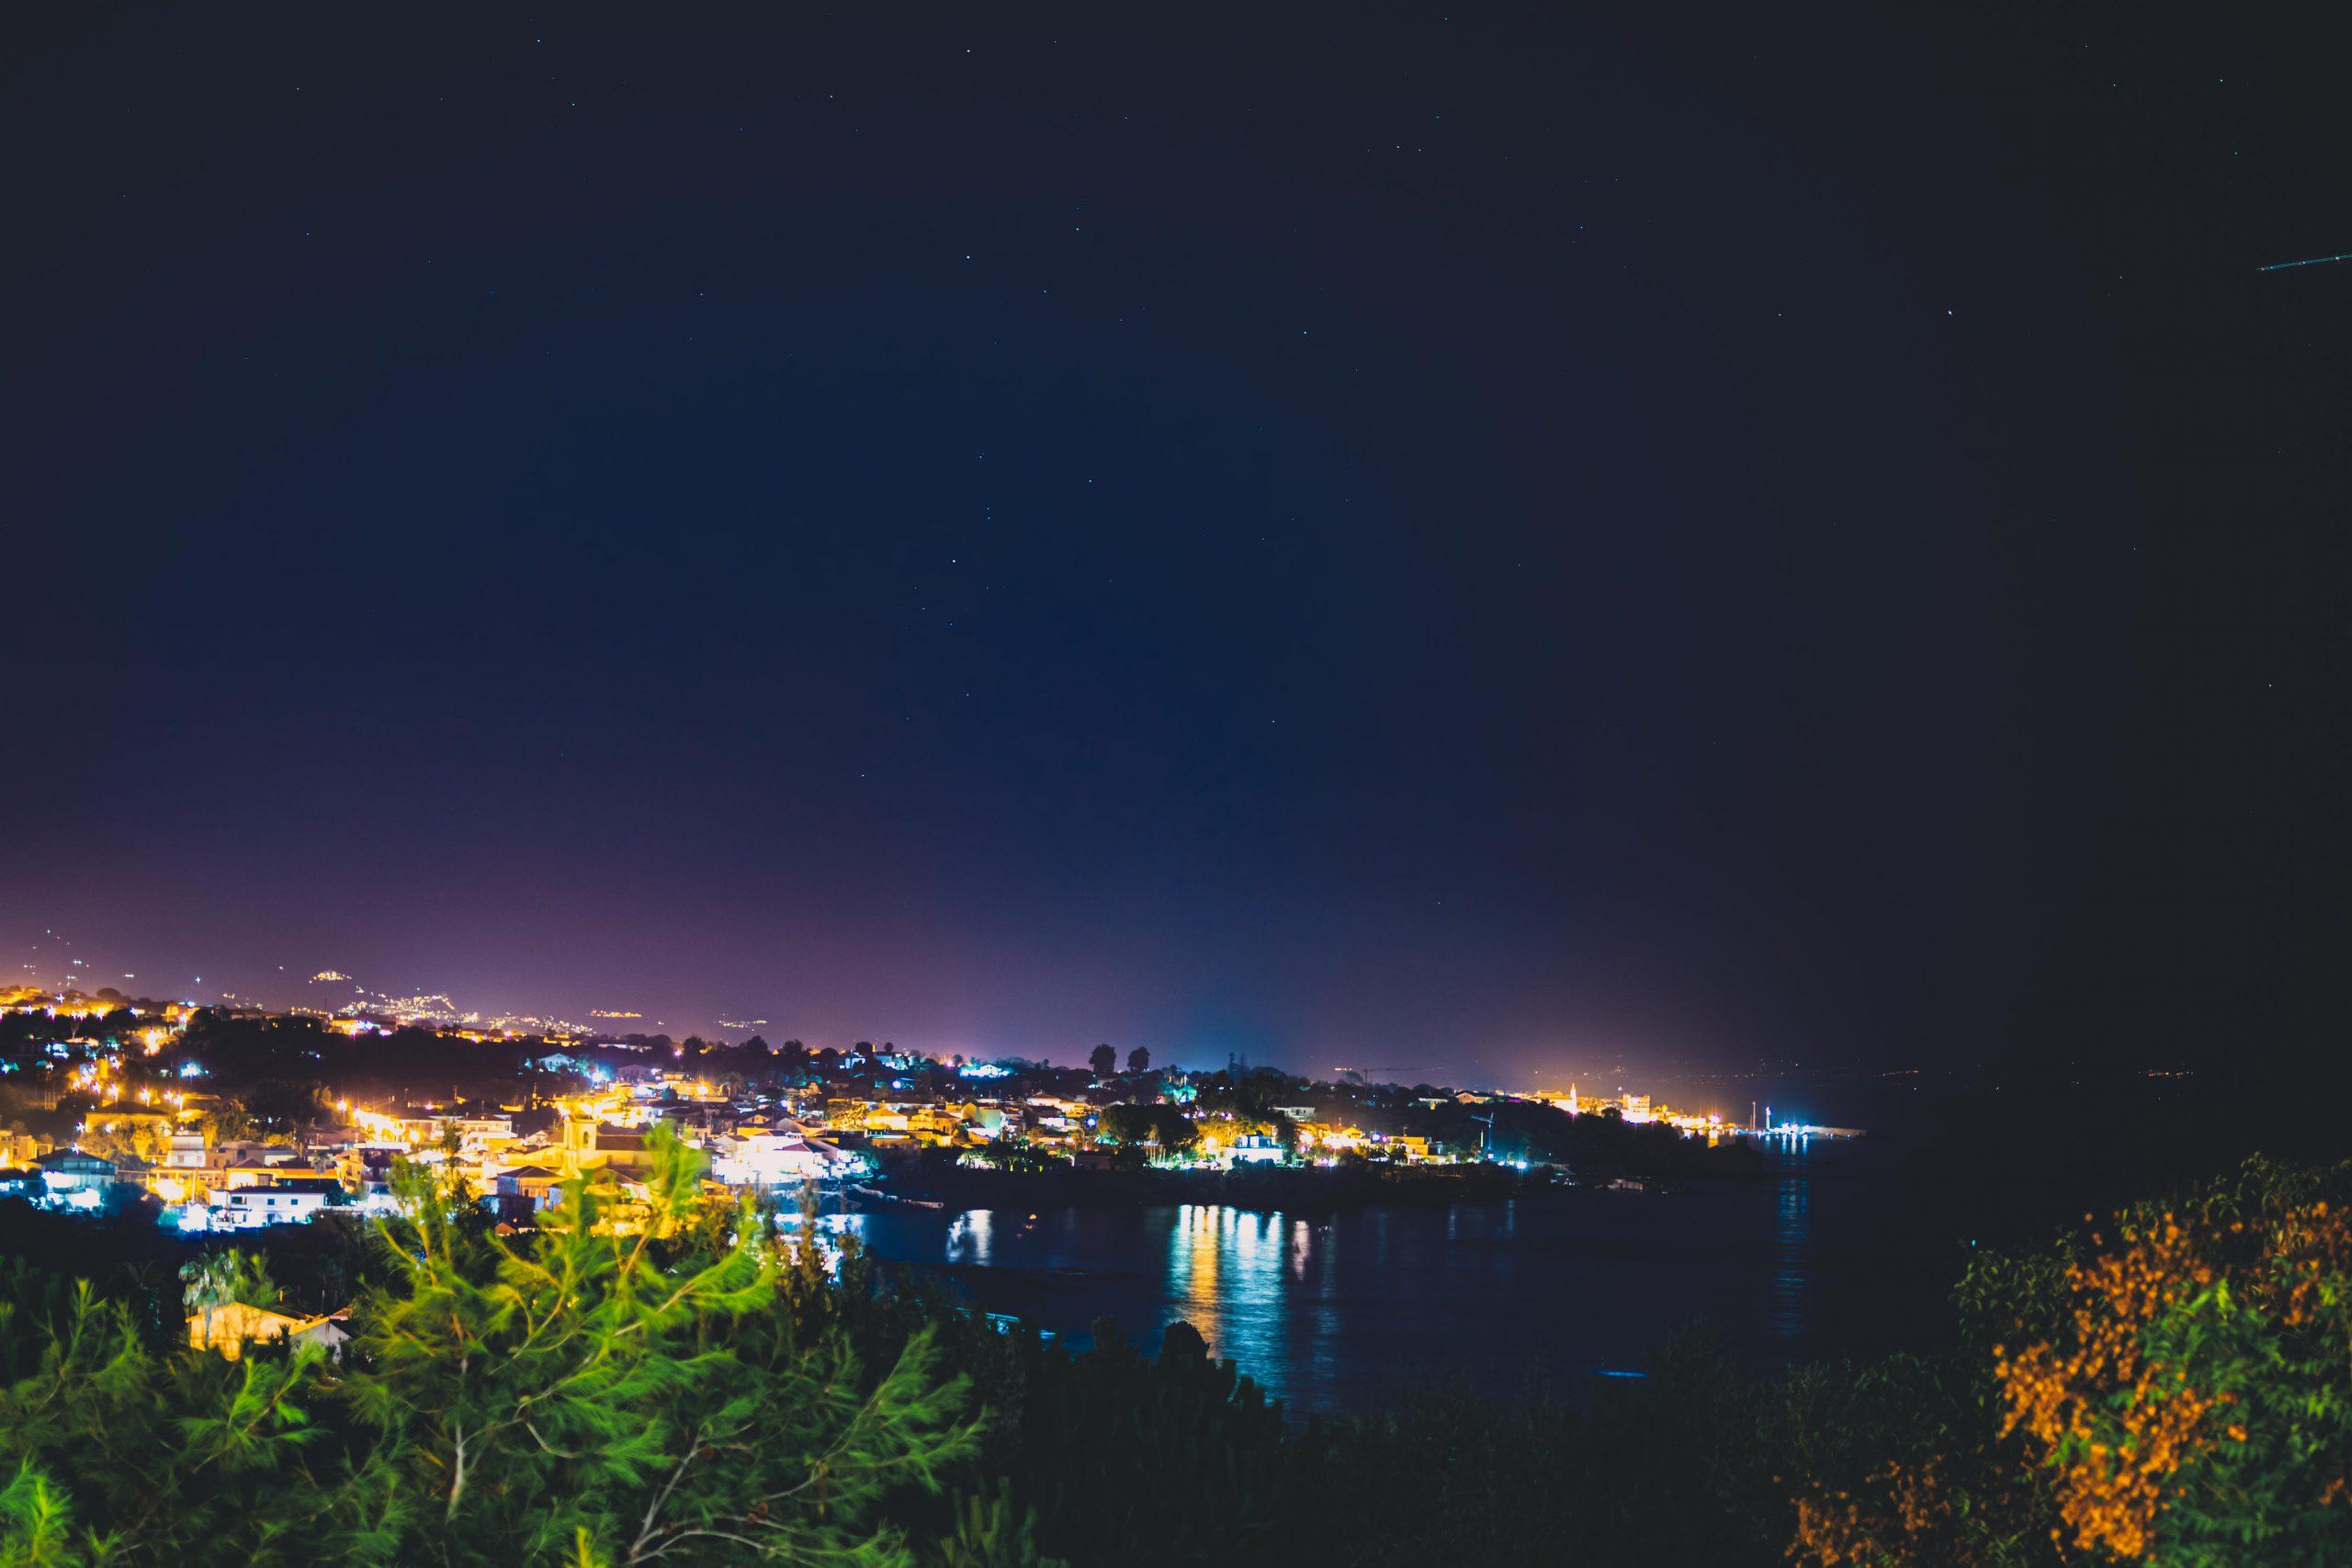 Il riflesso della luci sull'acqua, la brezza marina che sale e… adesso fermati: ecco quello che sarà il ricordo più bello della tua vita. Villa Musmeci è abbracciata dalla Sicilia e dalle sue bellezze per donarti tutte quelle emozioni che resteranno indelebili per sempre.